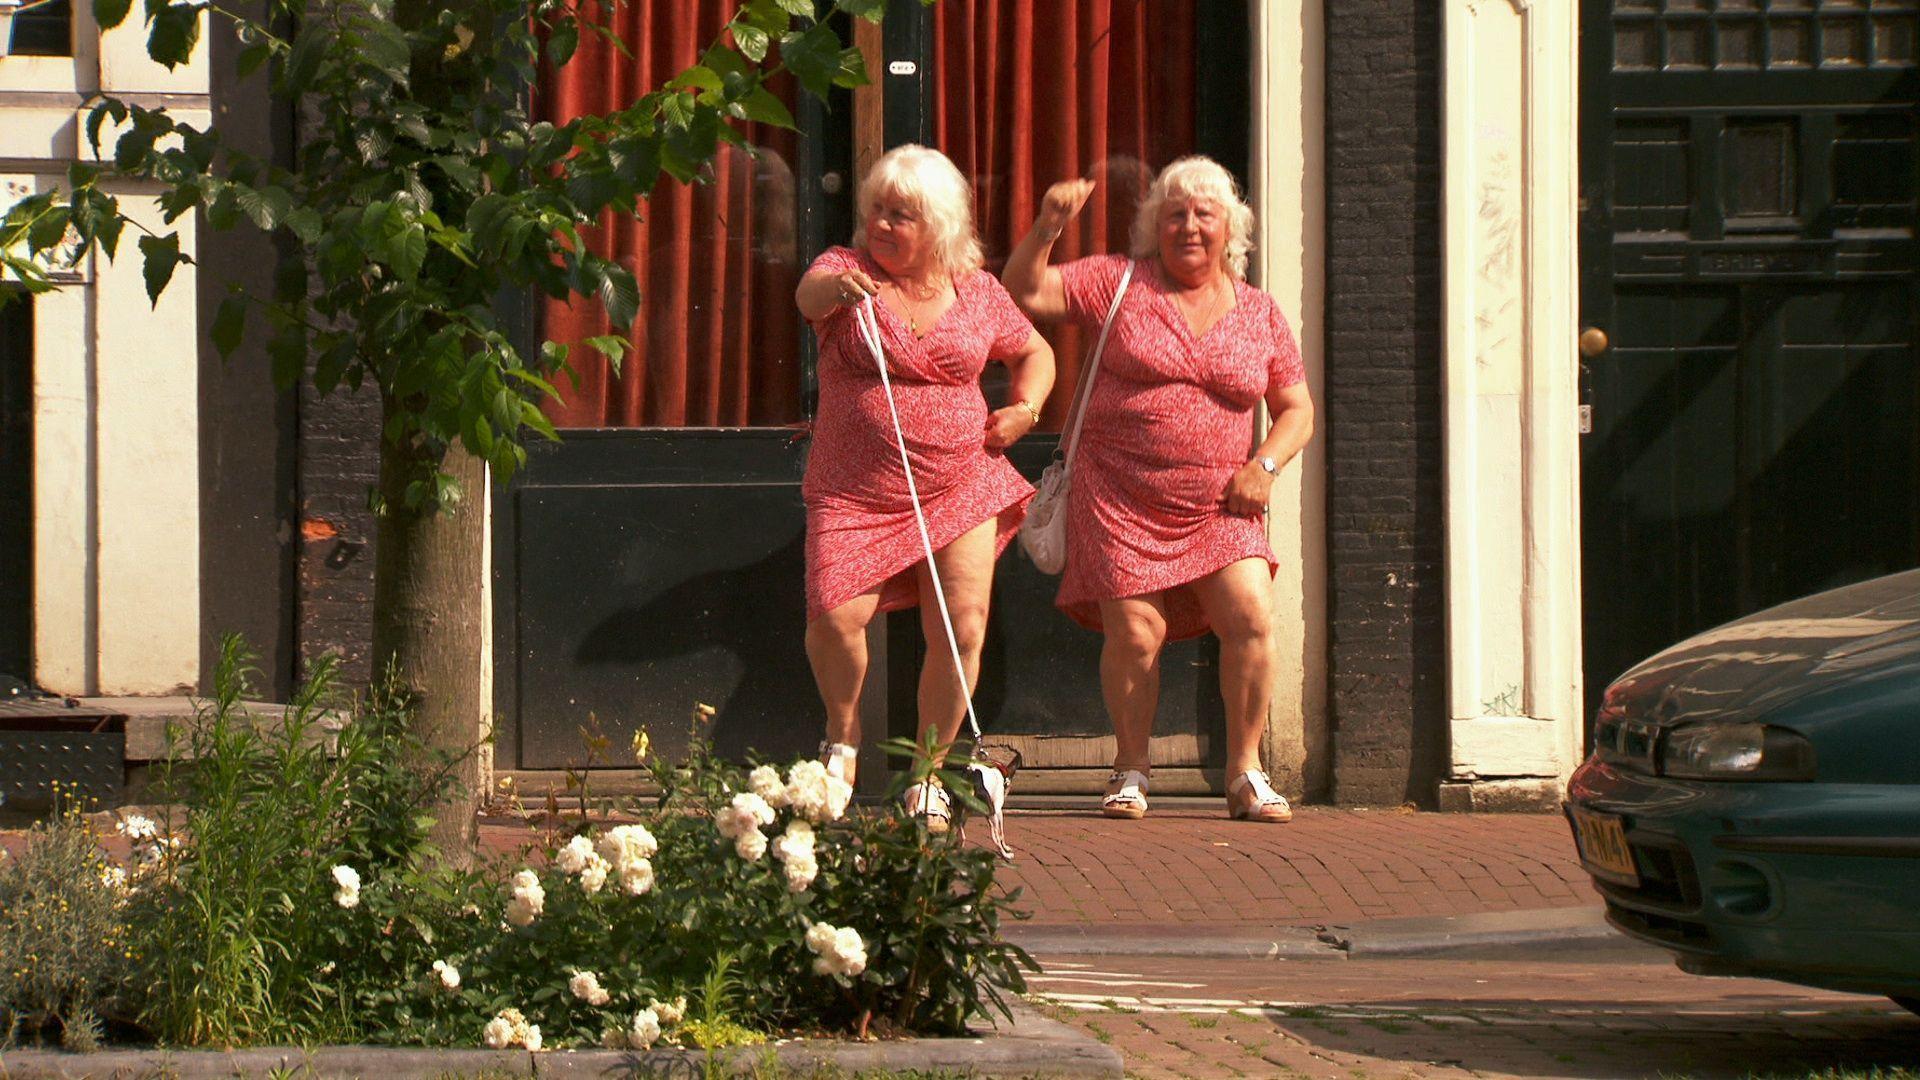 Фото проституток голандии 19 фотография